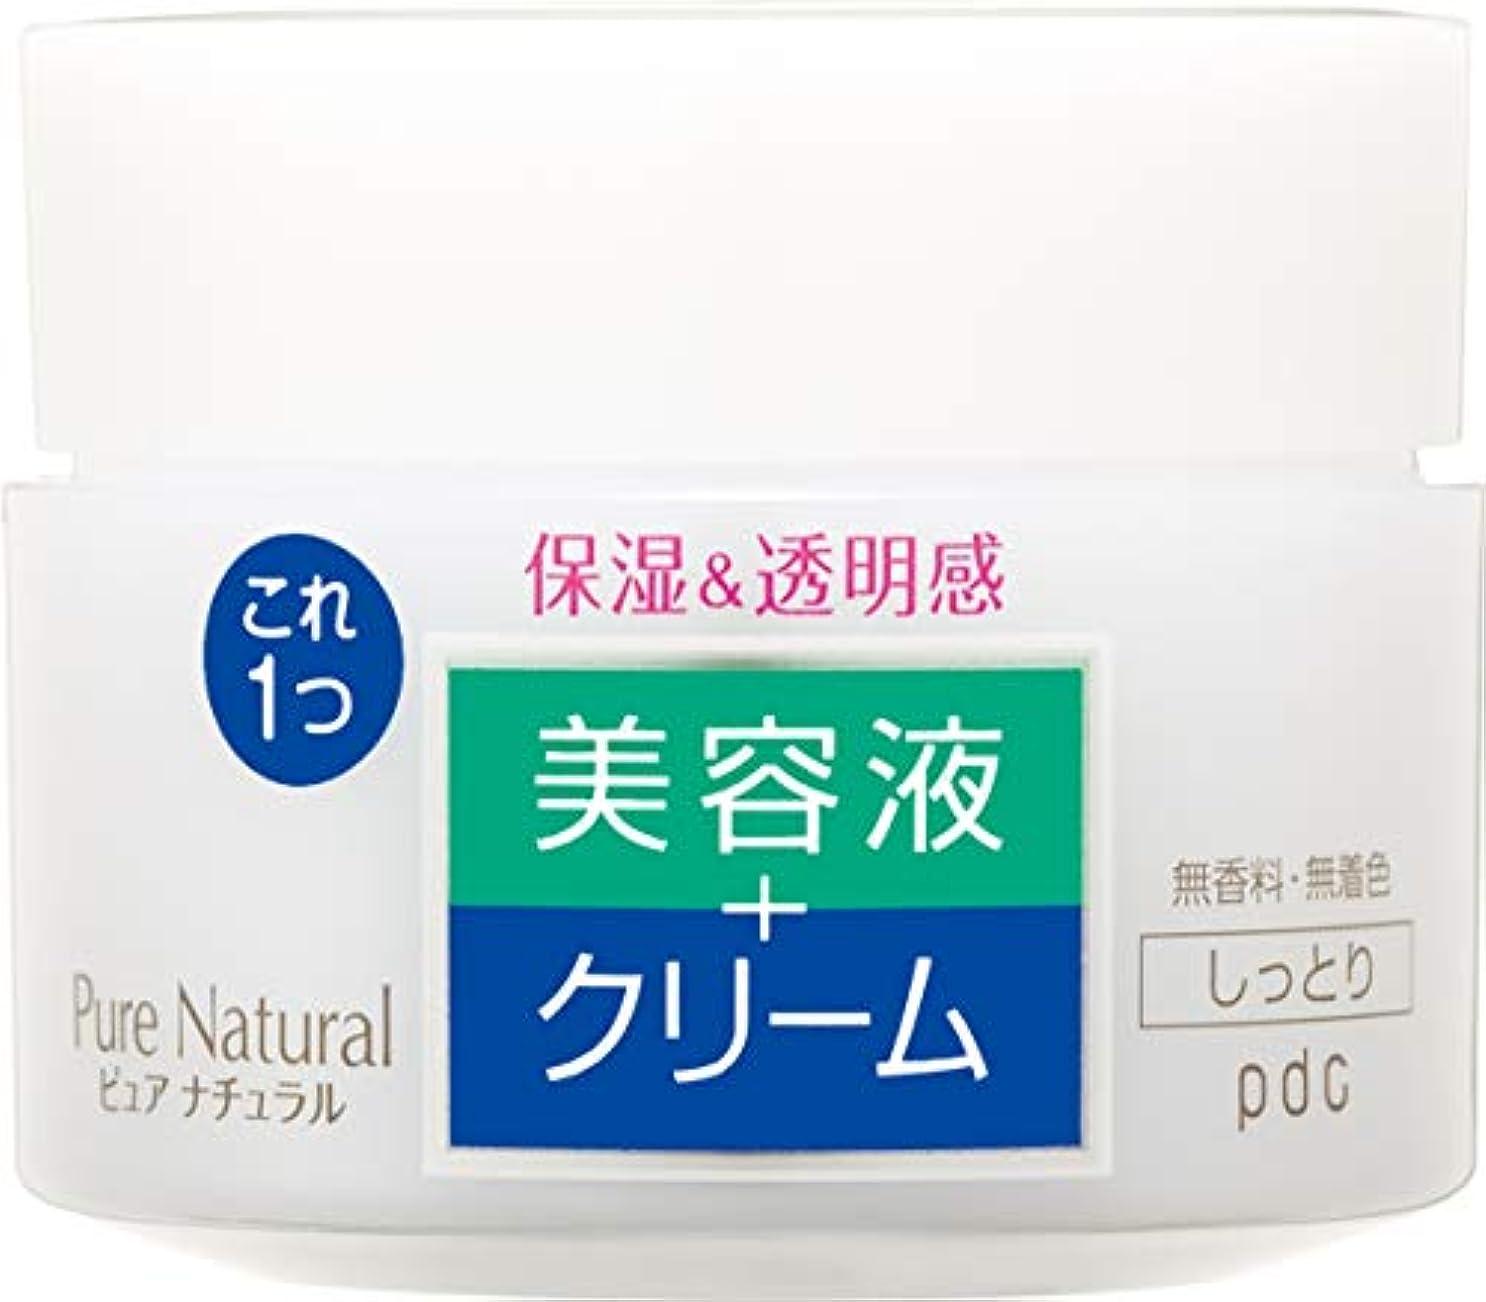 アジア人バラエティホステルPure NATURAL(ピュアナチュラル) クリームエッセンス モイスト 100g